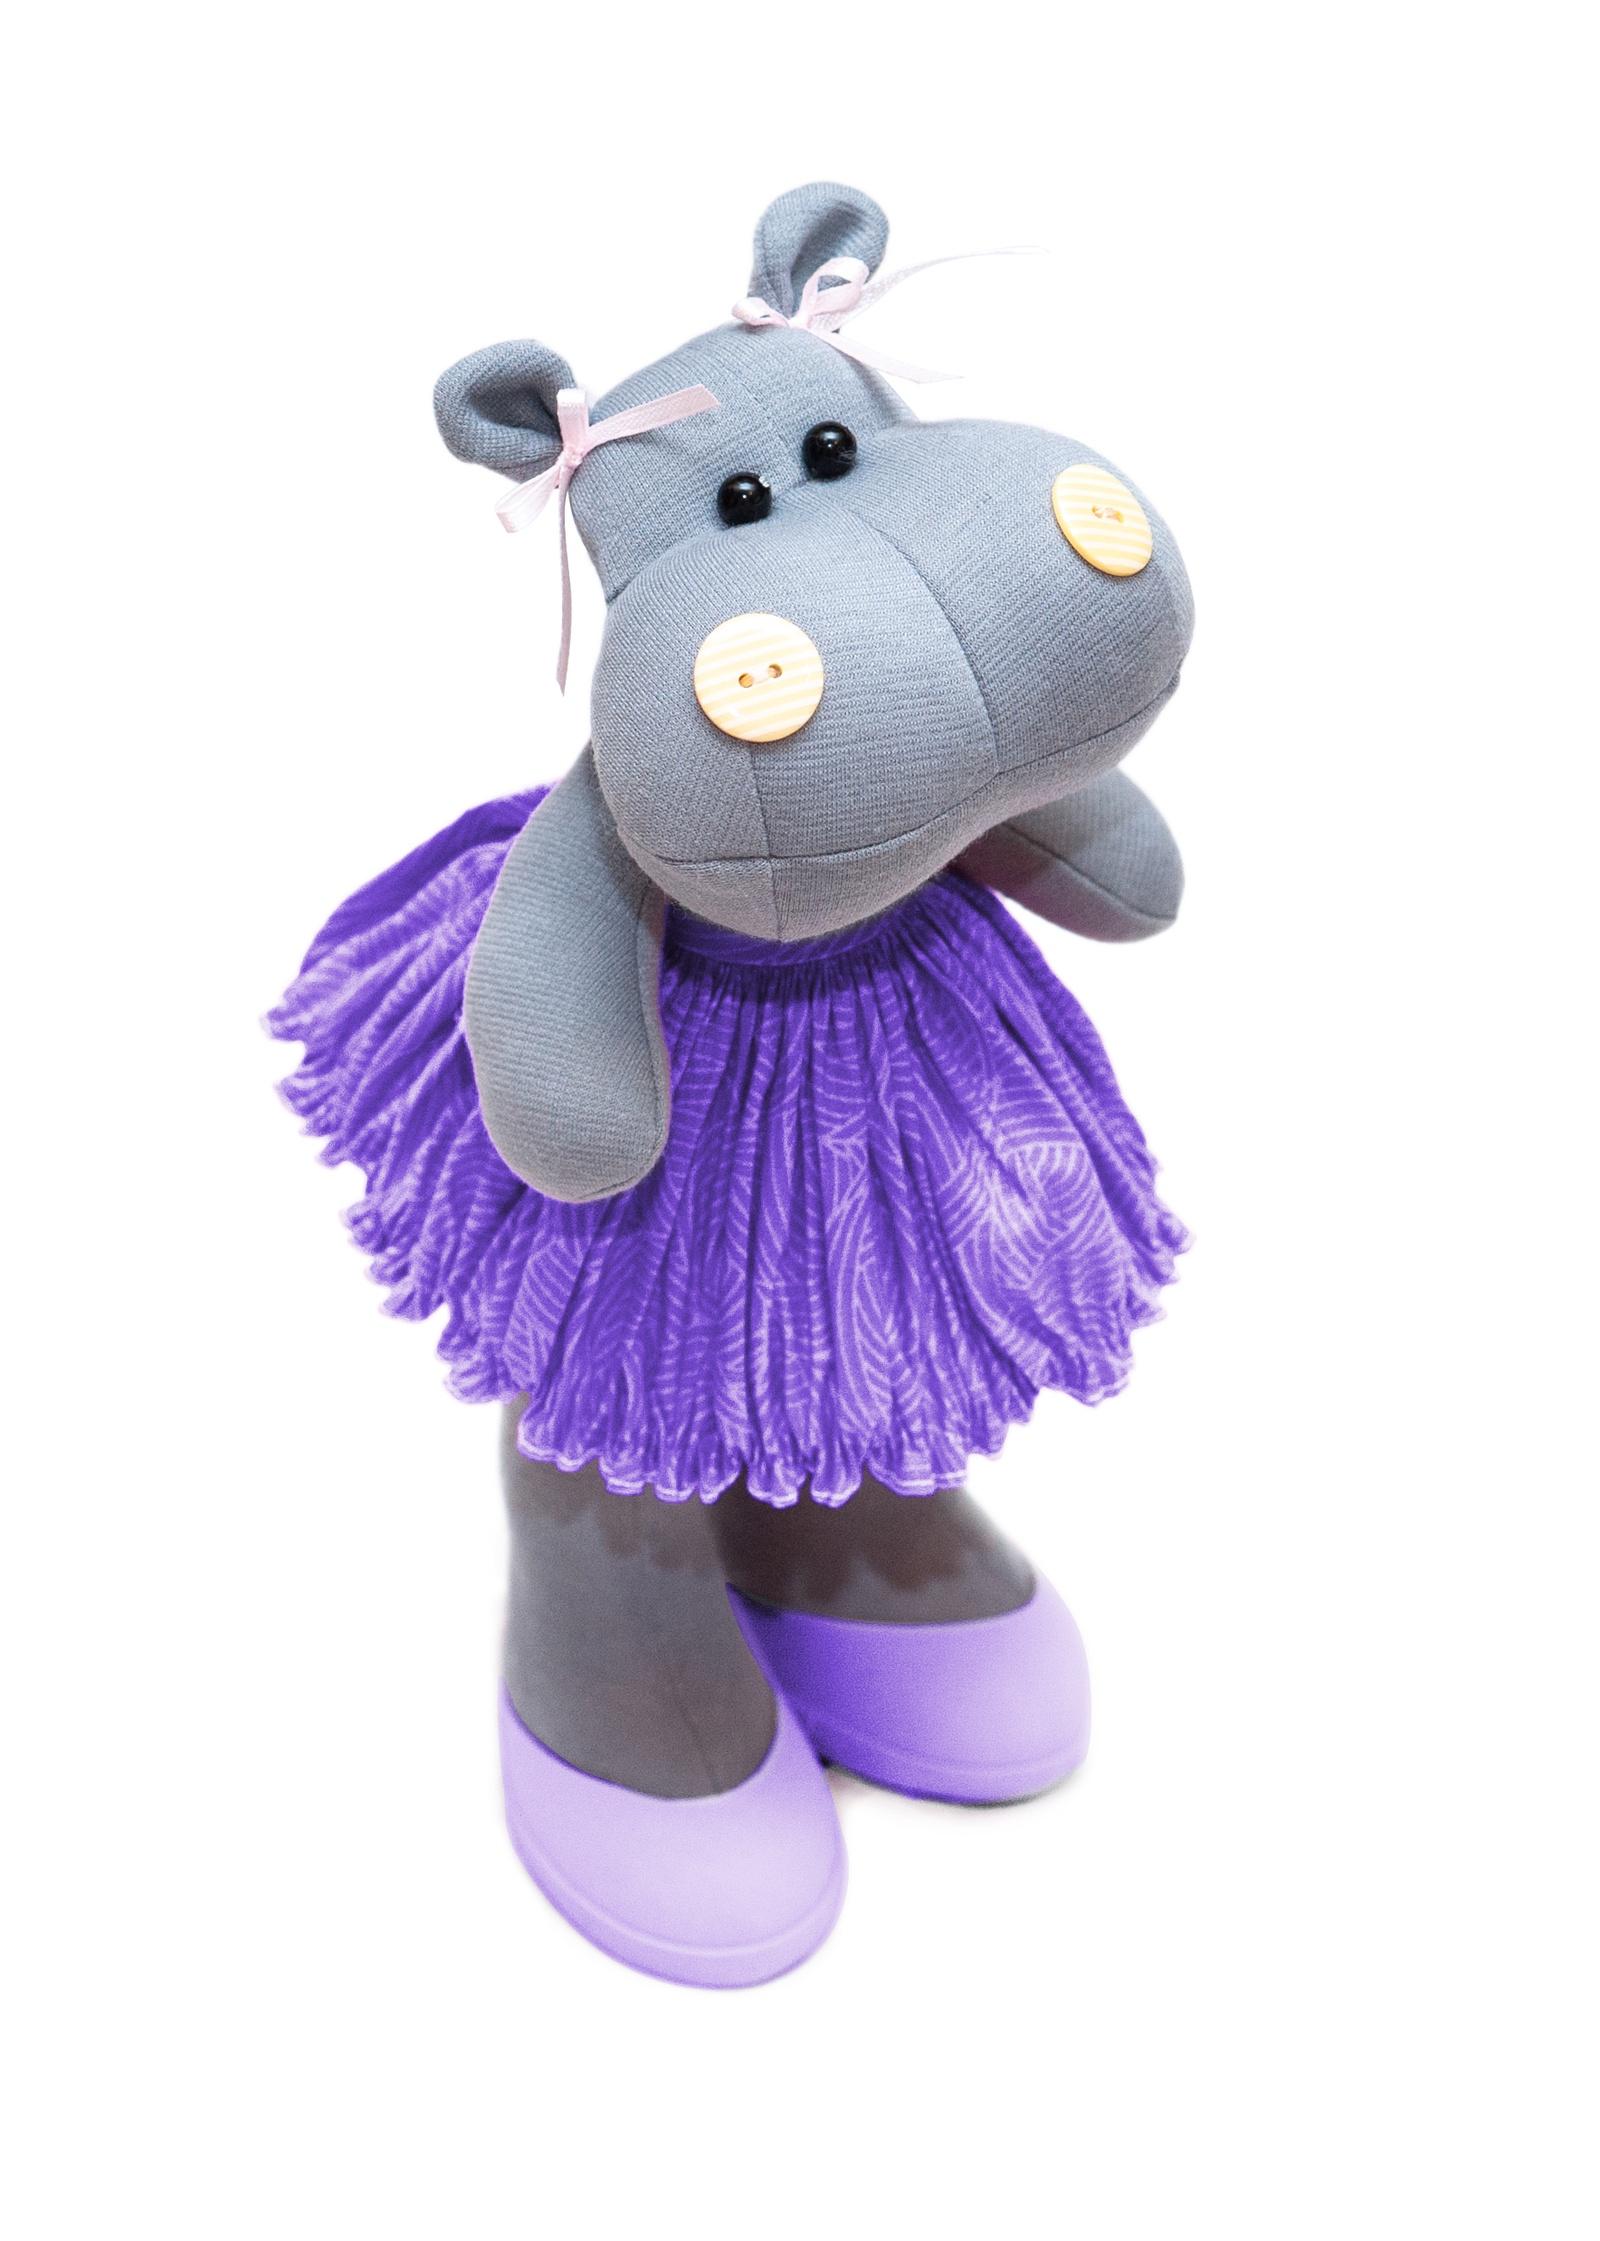 Набор для изготовления игрушки Кукольная фея Б-4.25.4 тата симонян 2019 05 25t18 00